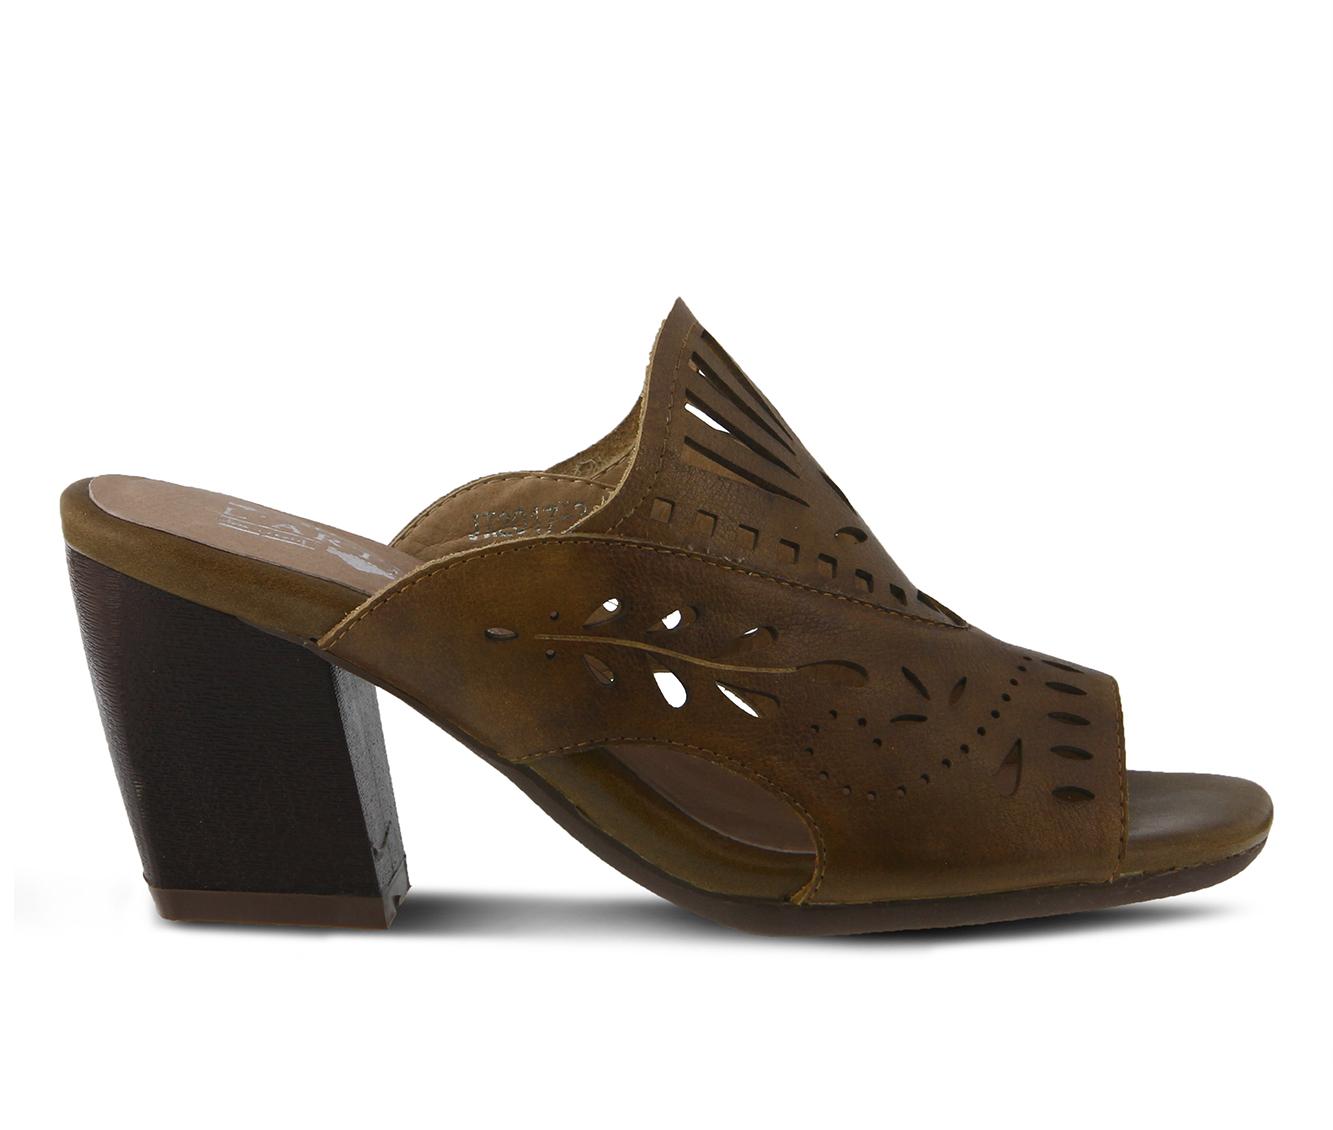 L'Artiste Zyzana Women's Dress Shoe (Beige Leather)